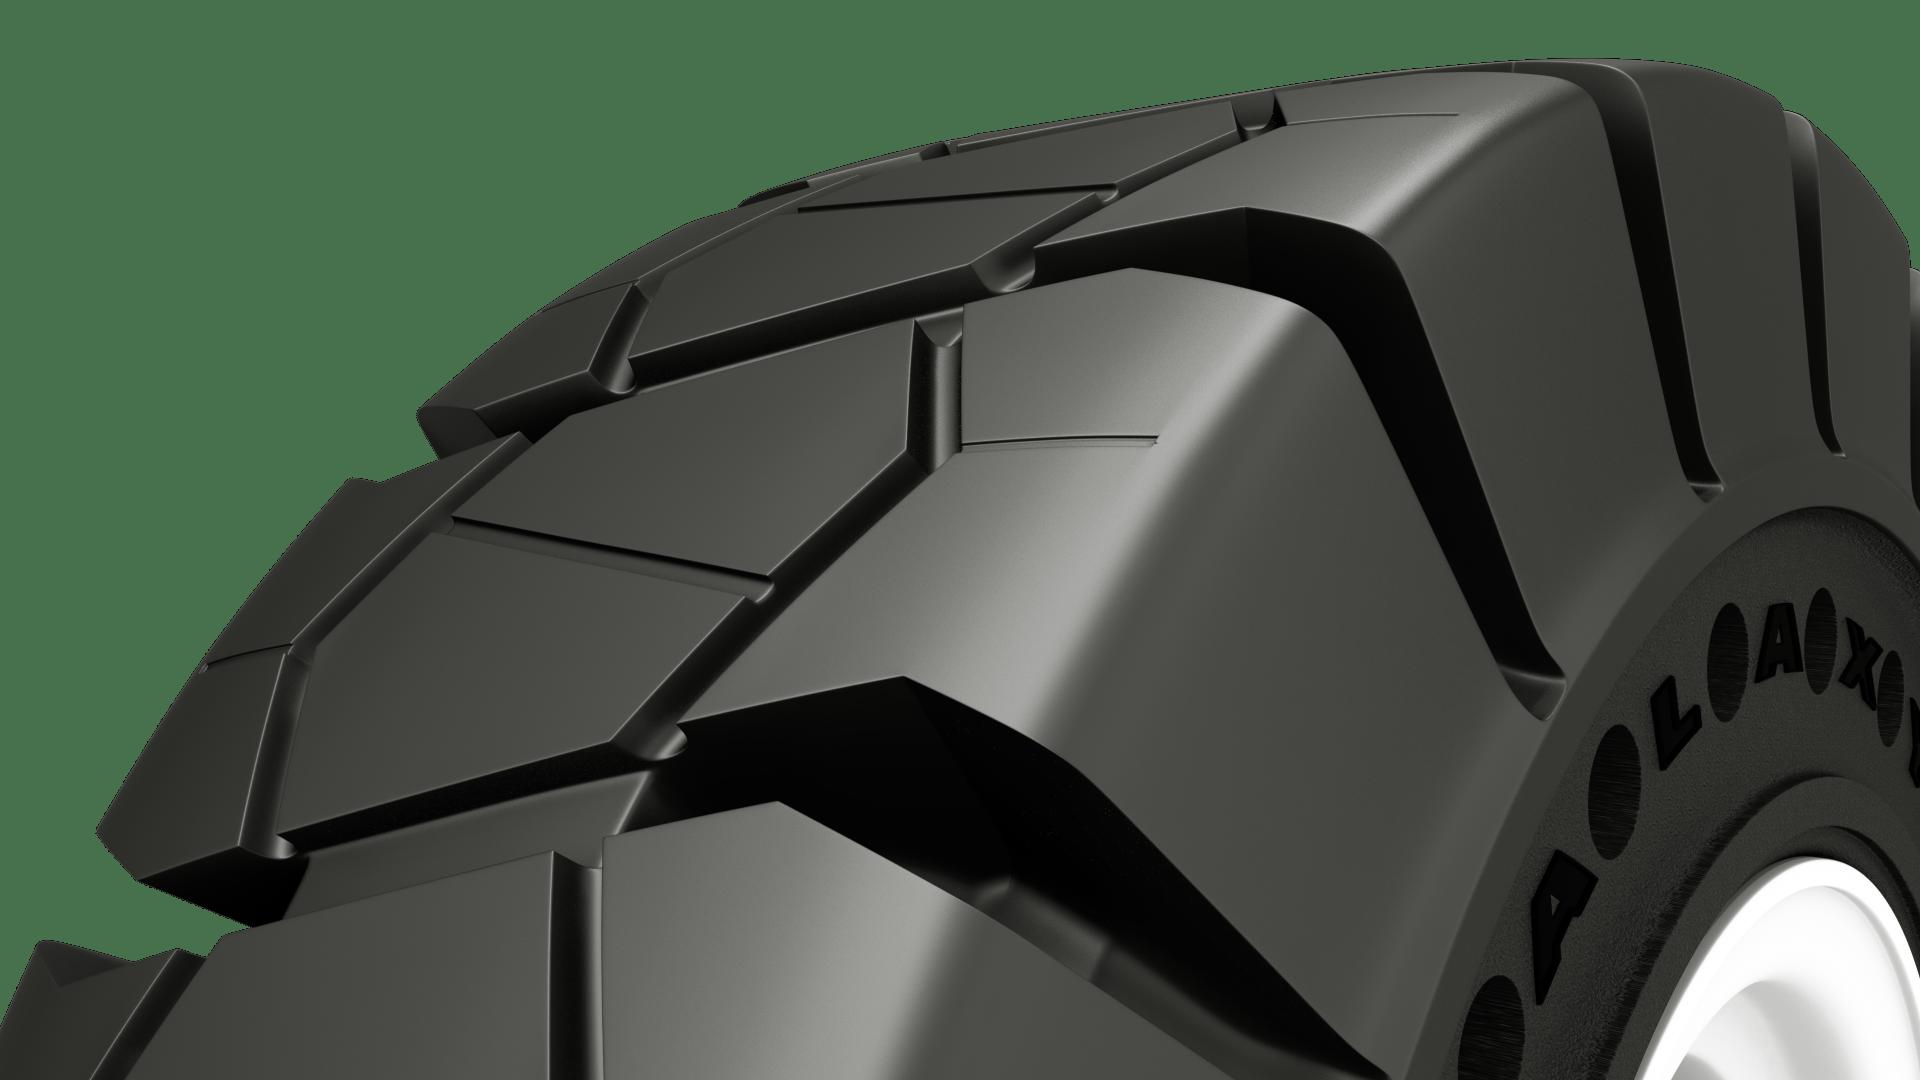 Новые шины Galaxy LHD 510 SDS для автопогрузчиков - улучшенная тяга в экстремальных условиях